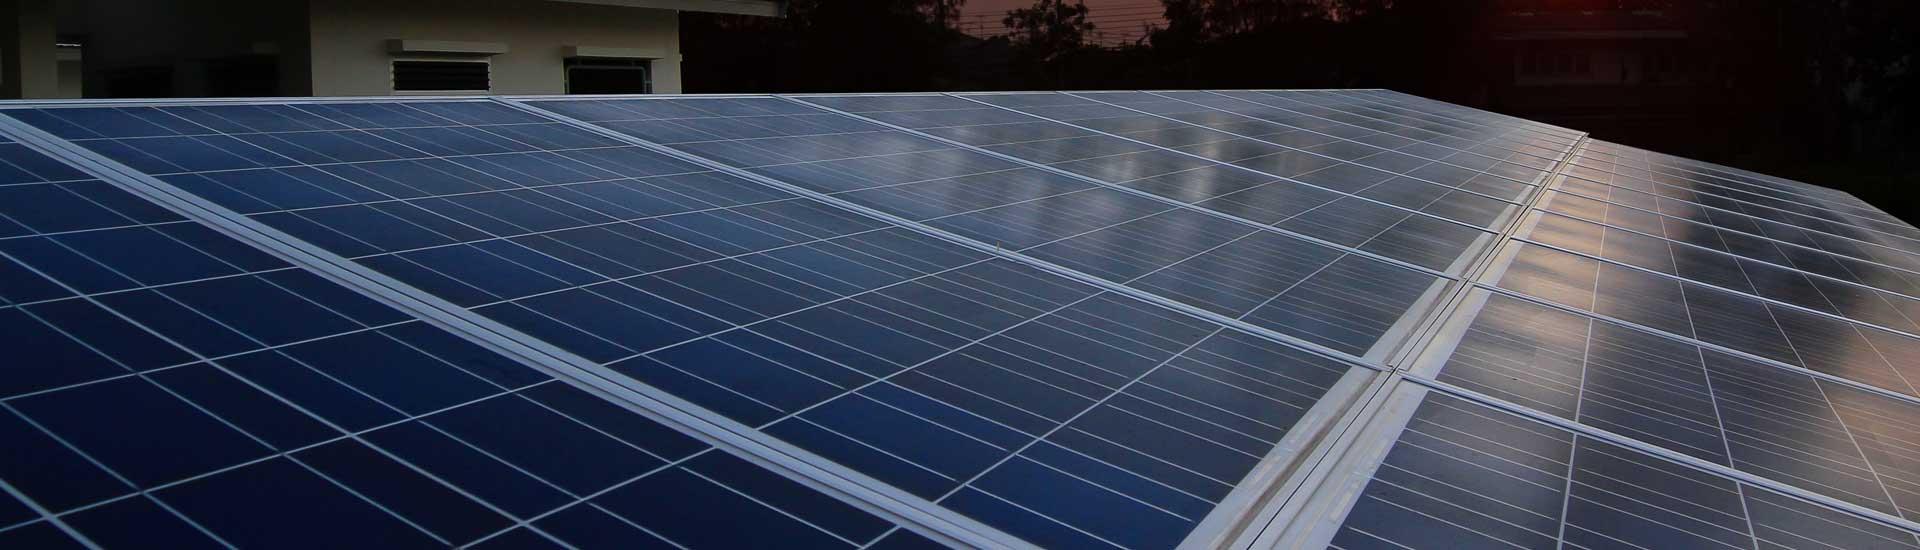 Un installateur de panneaux solaires photovoltaïques